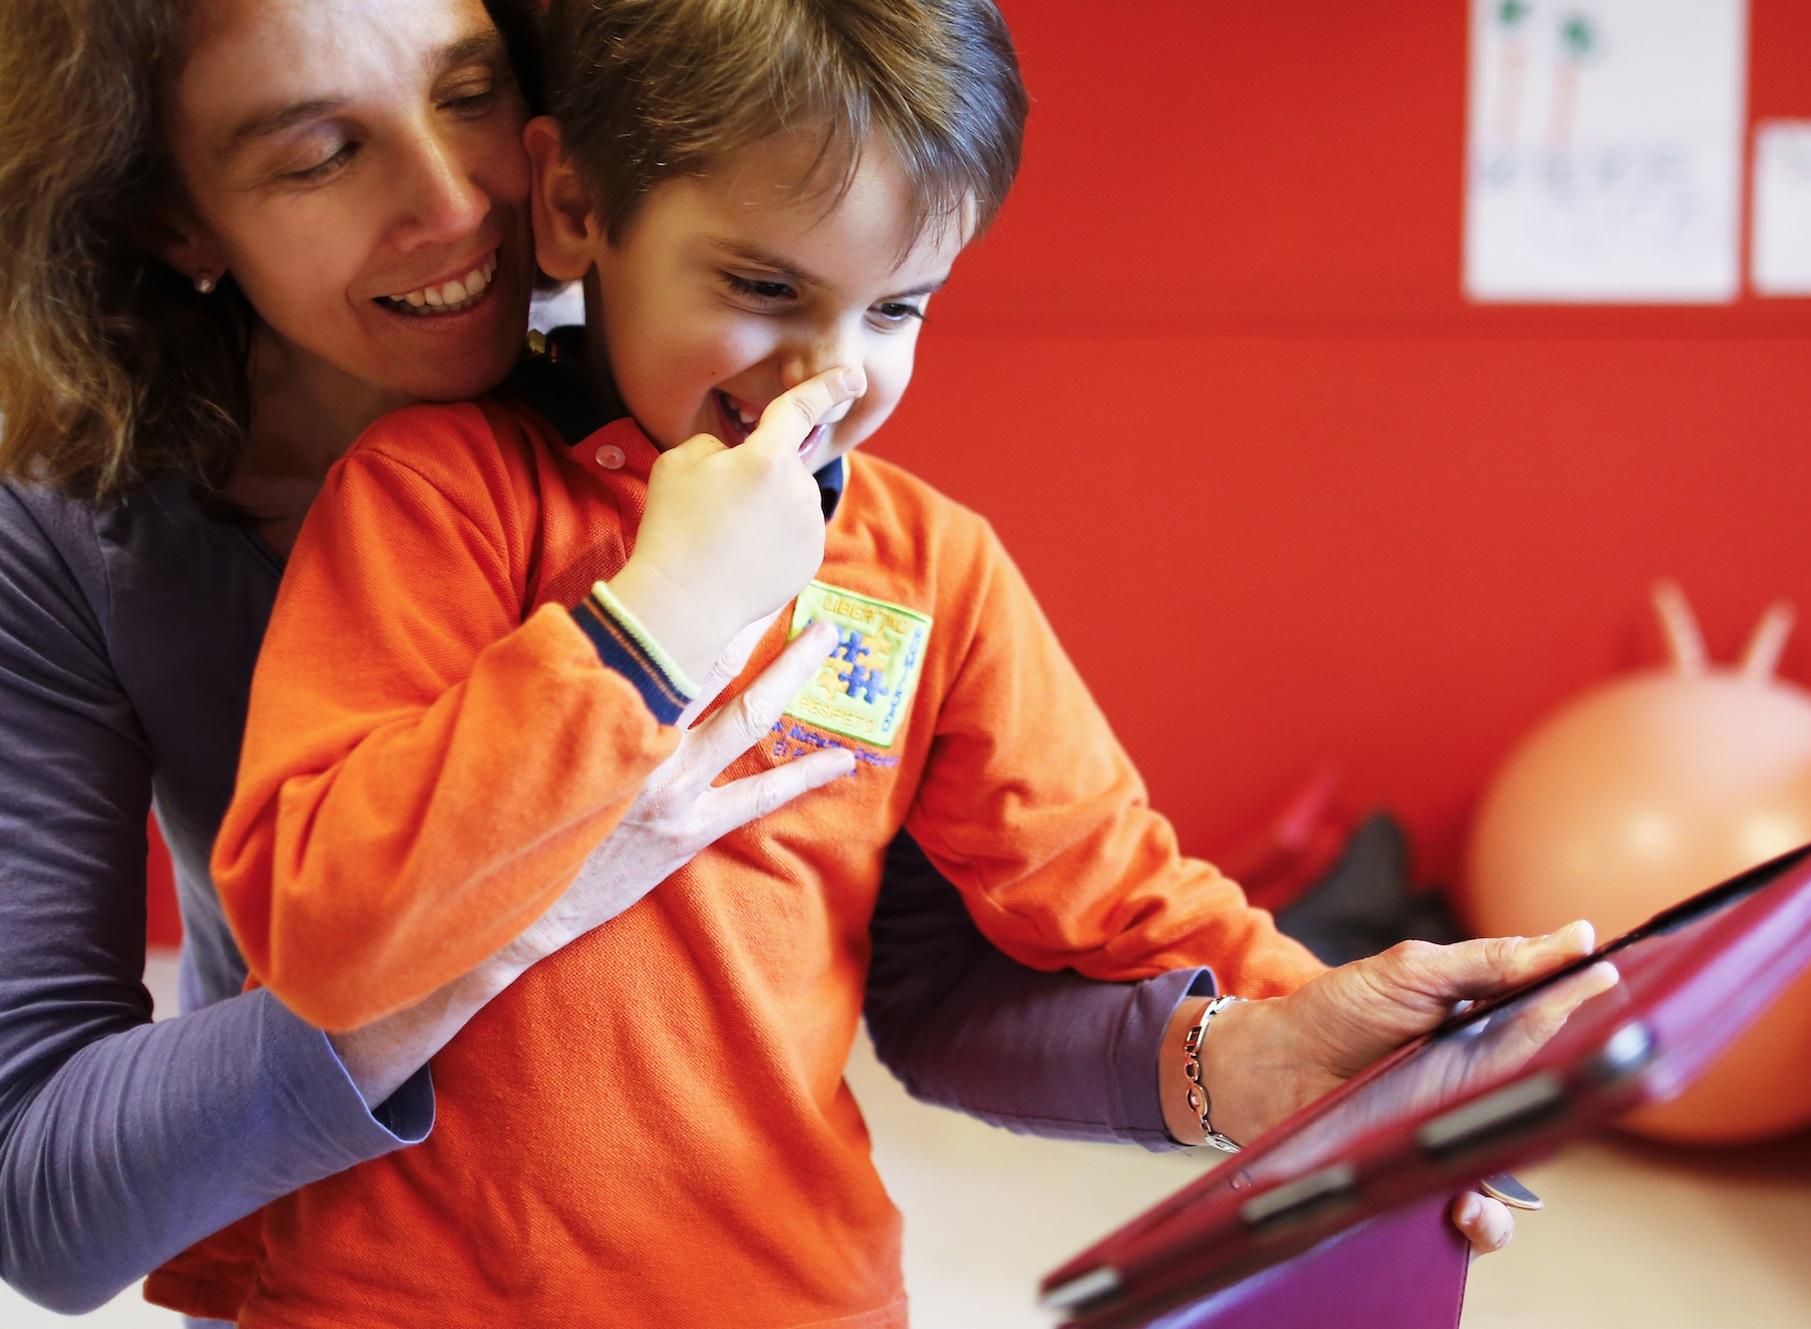 Crean app para ayudar a personas con trastorno de habla